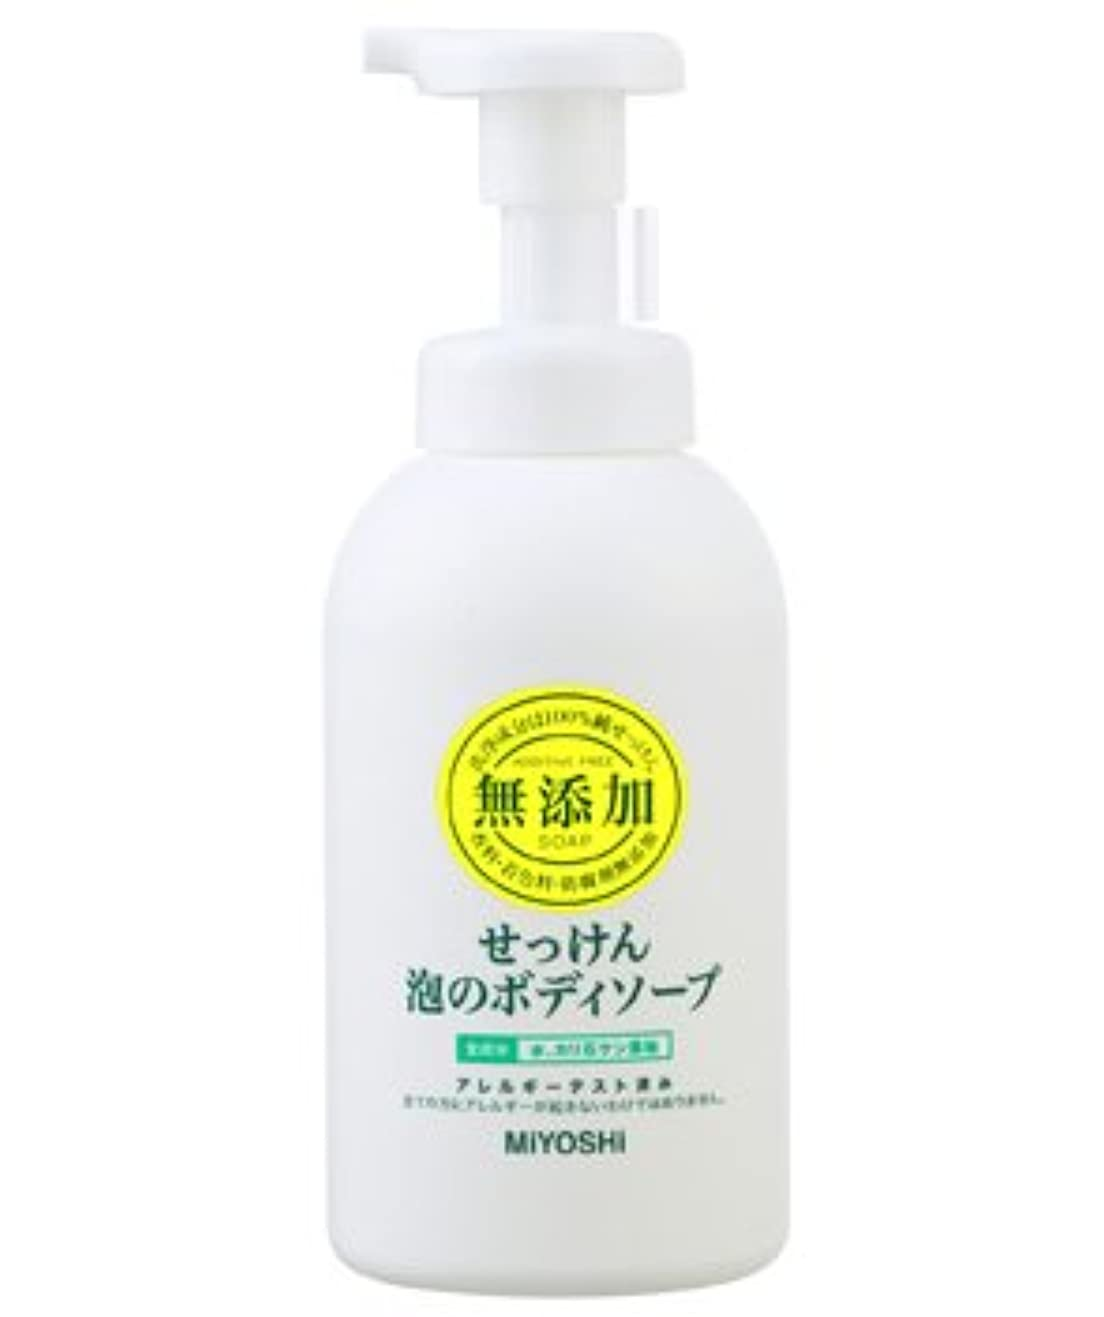 油汚れたそれるミヨシ石鹸 無添加 せっけん 泡のボディソープ 500ml(無添加石鹸)×15点セット (4537130101544)